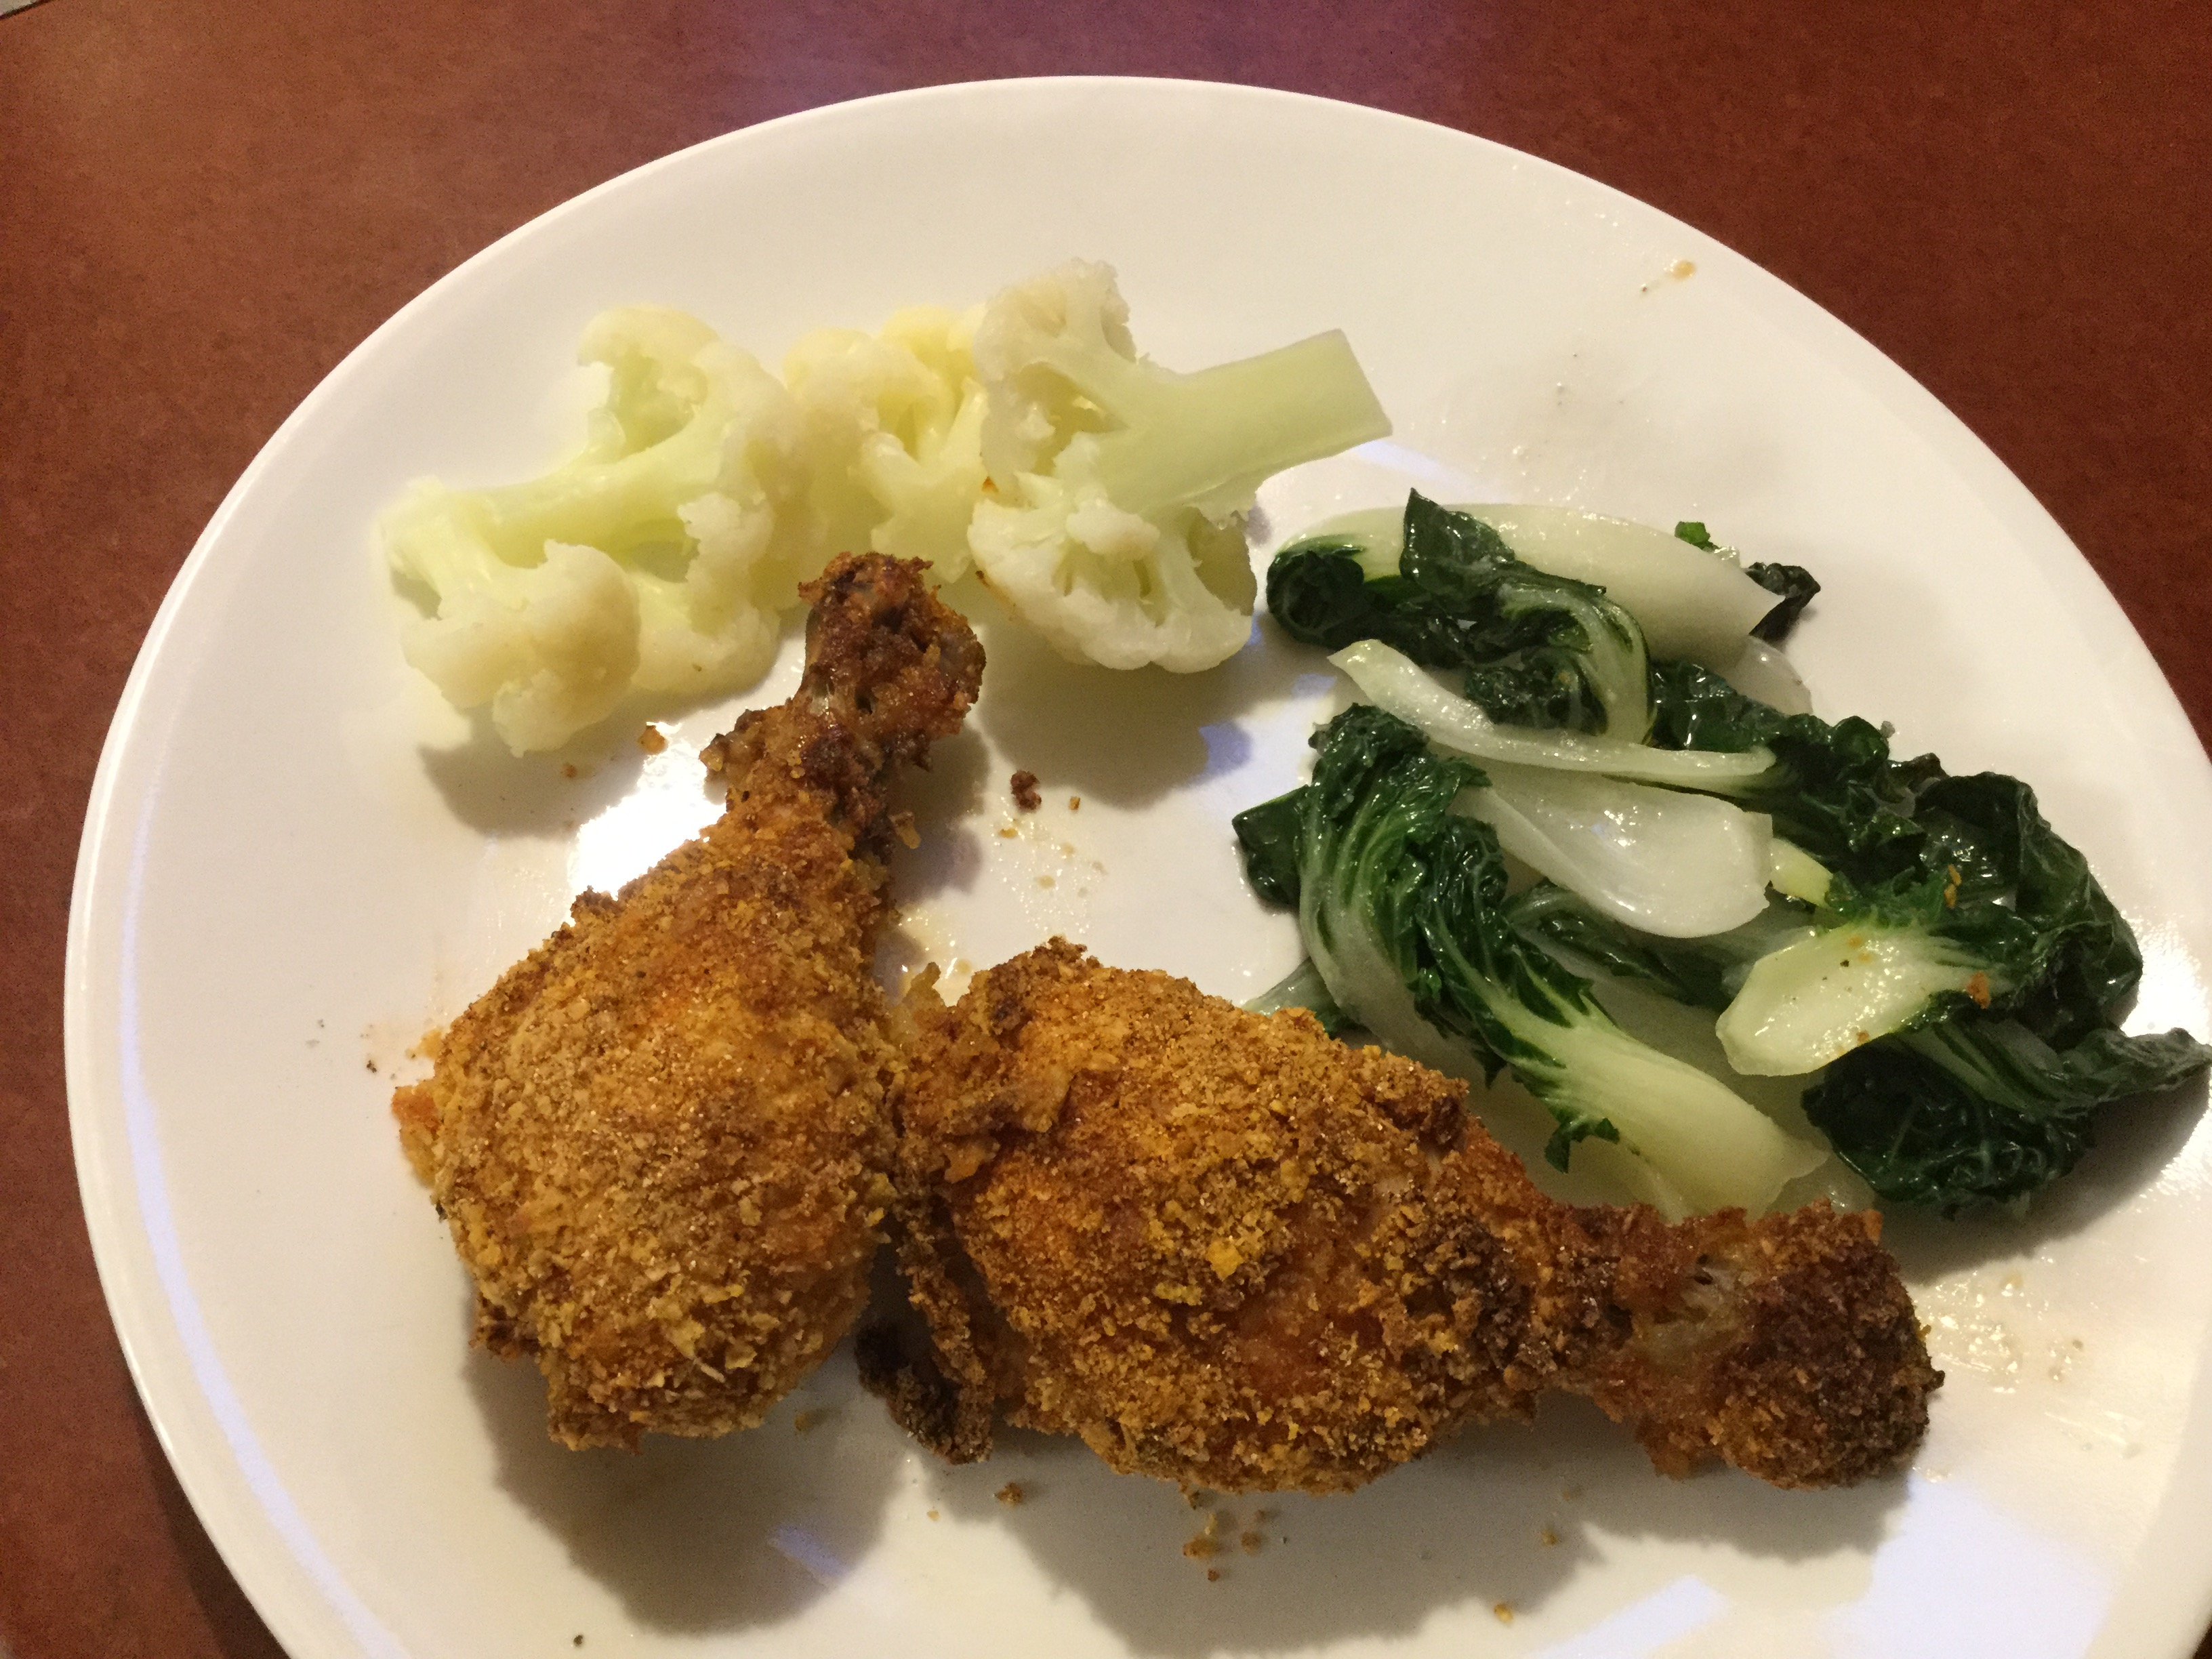 Barbeque Buttermilk Oven-Fried Chicken manella